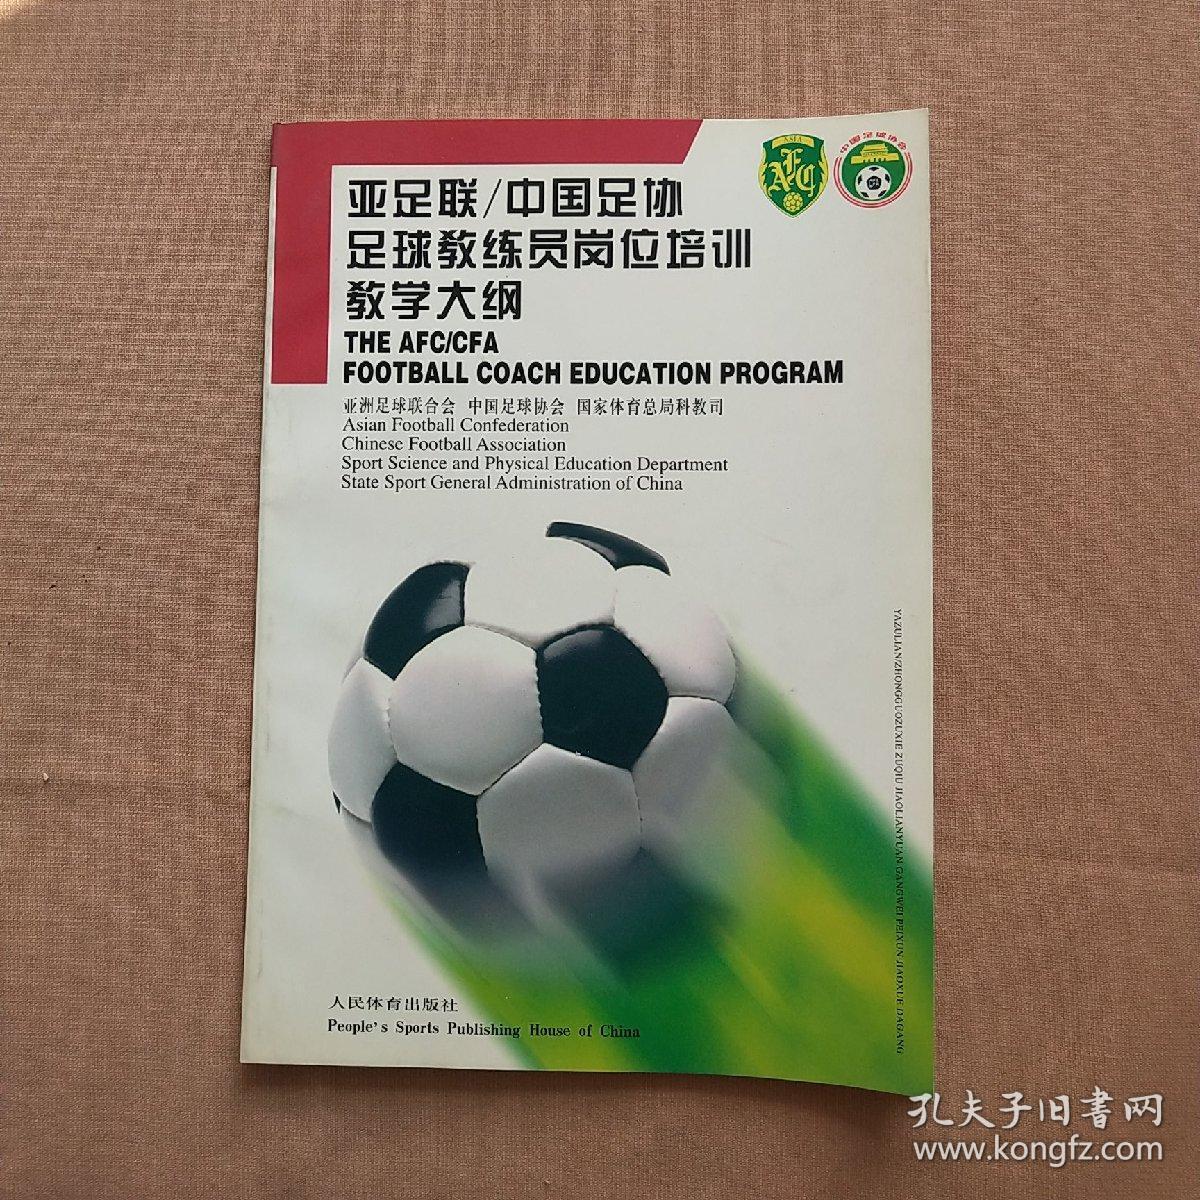 亚足联\/中国足协足球教练员岗位培训教学大纲